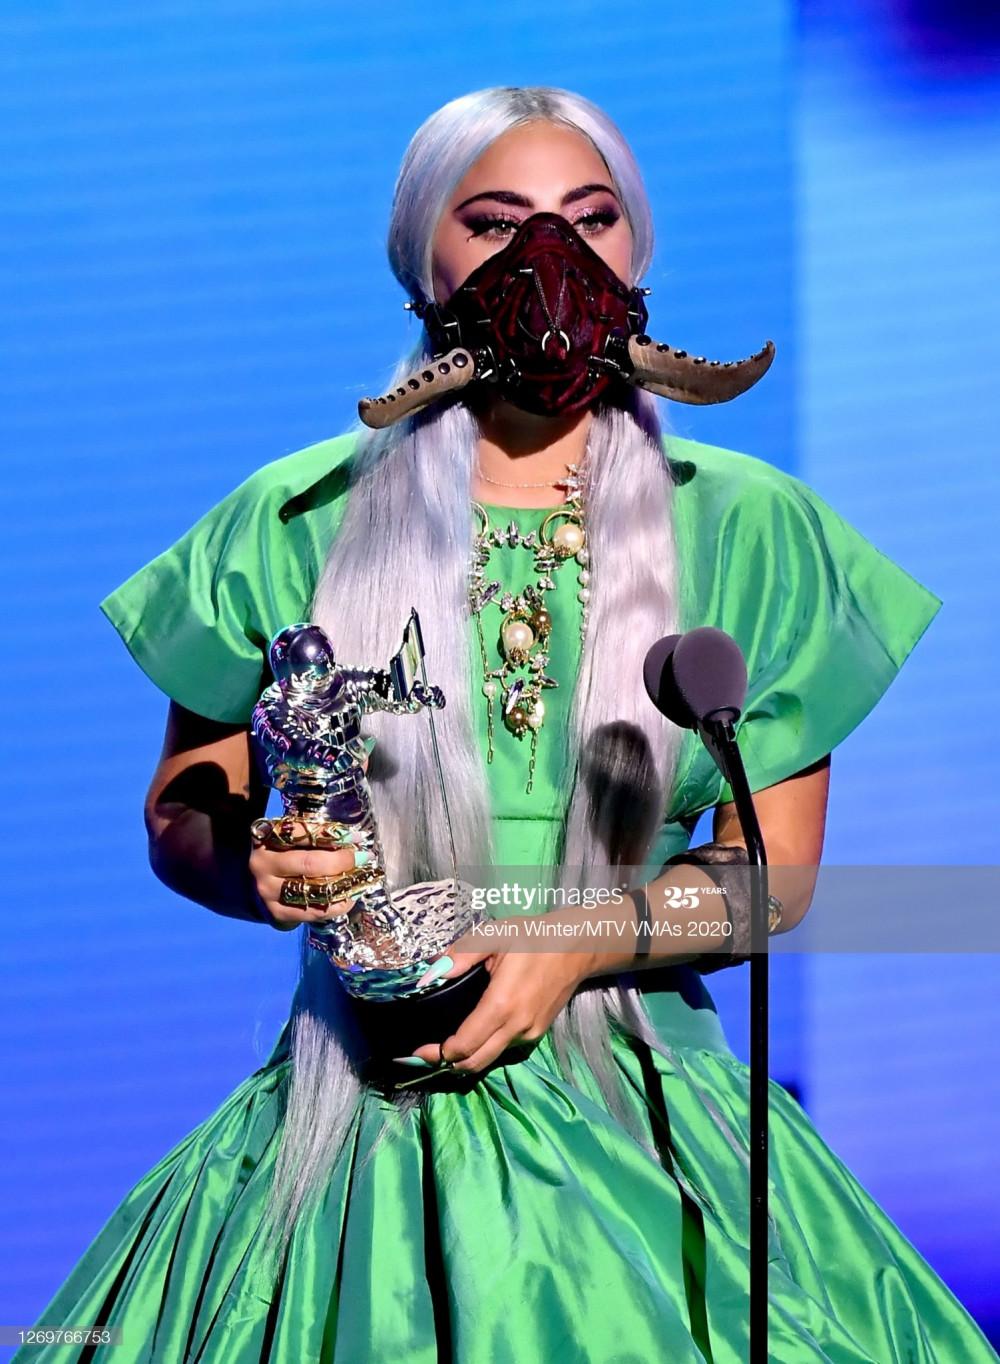 Một chiếc khẩu trang độc đáo khác được Lady Gaga sử dụng trong buổi nhận giải.